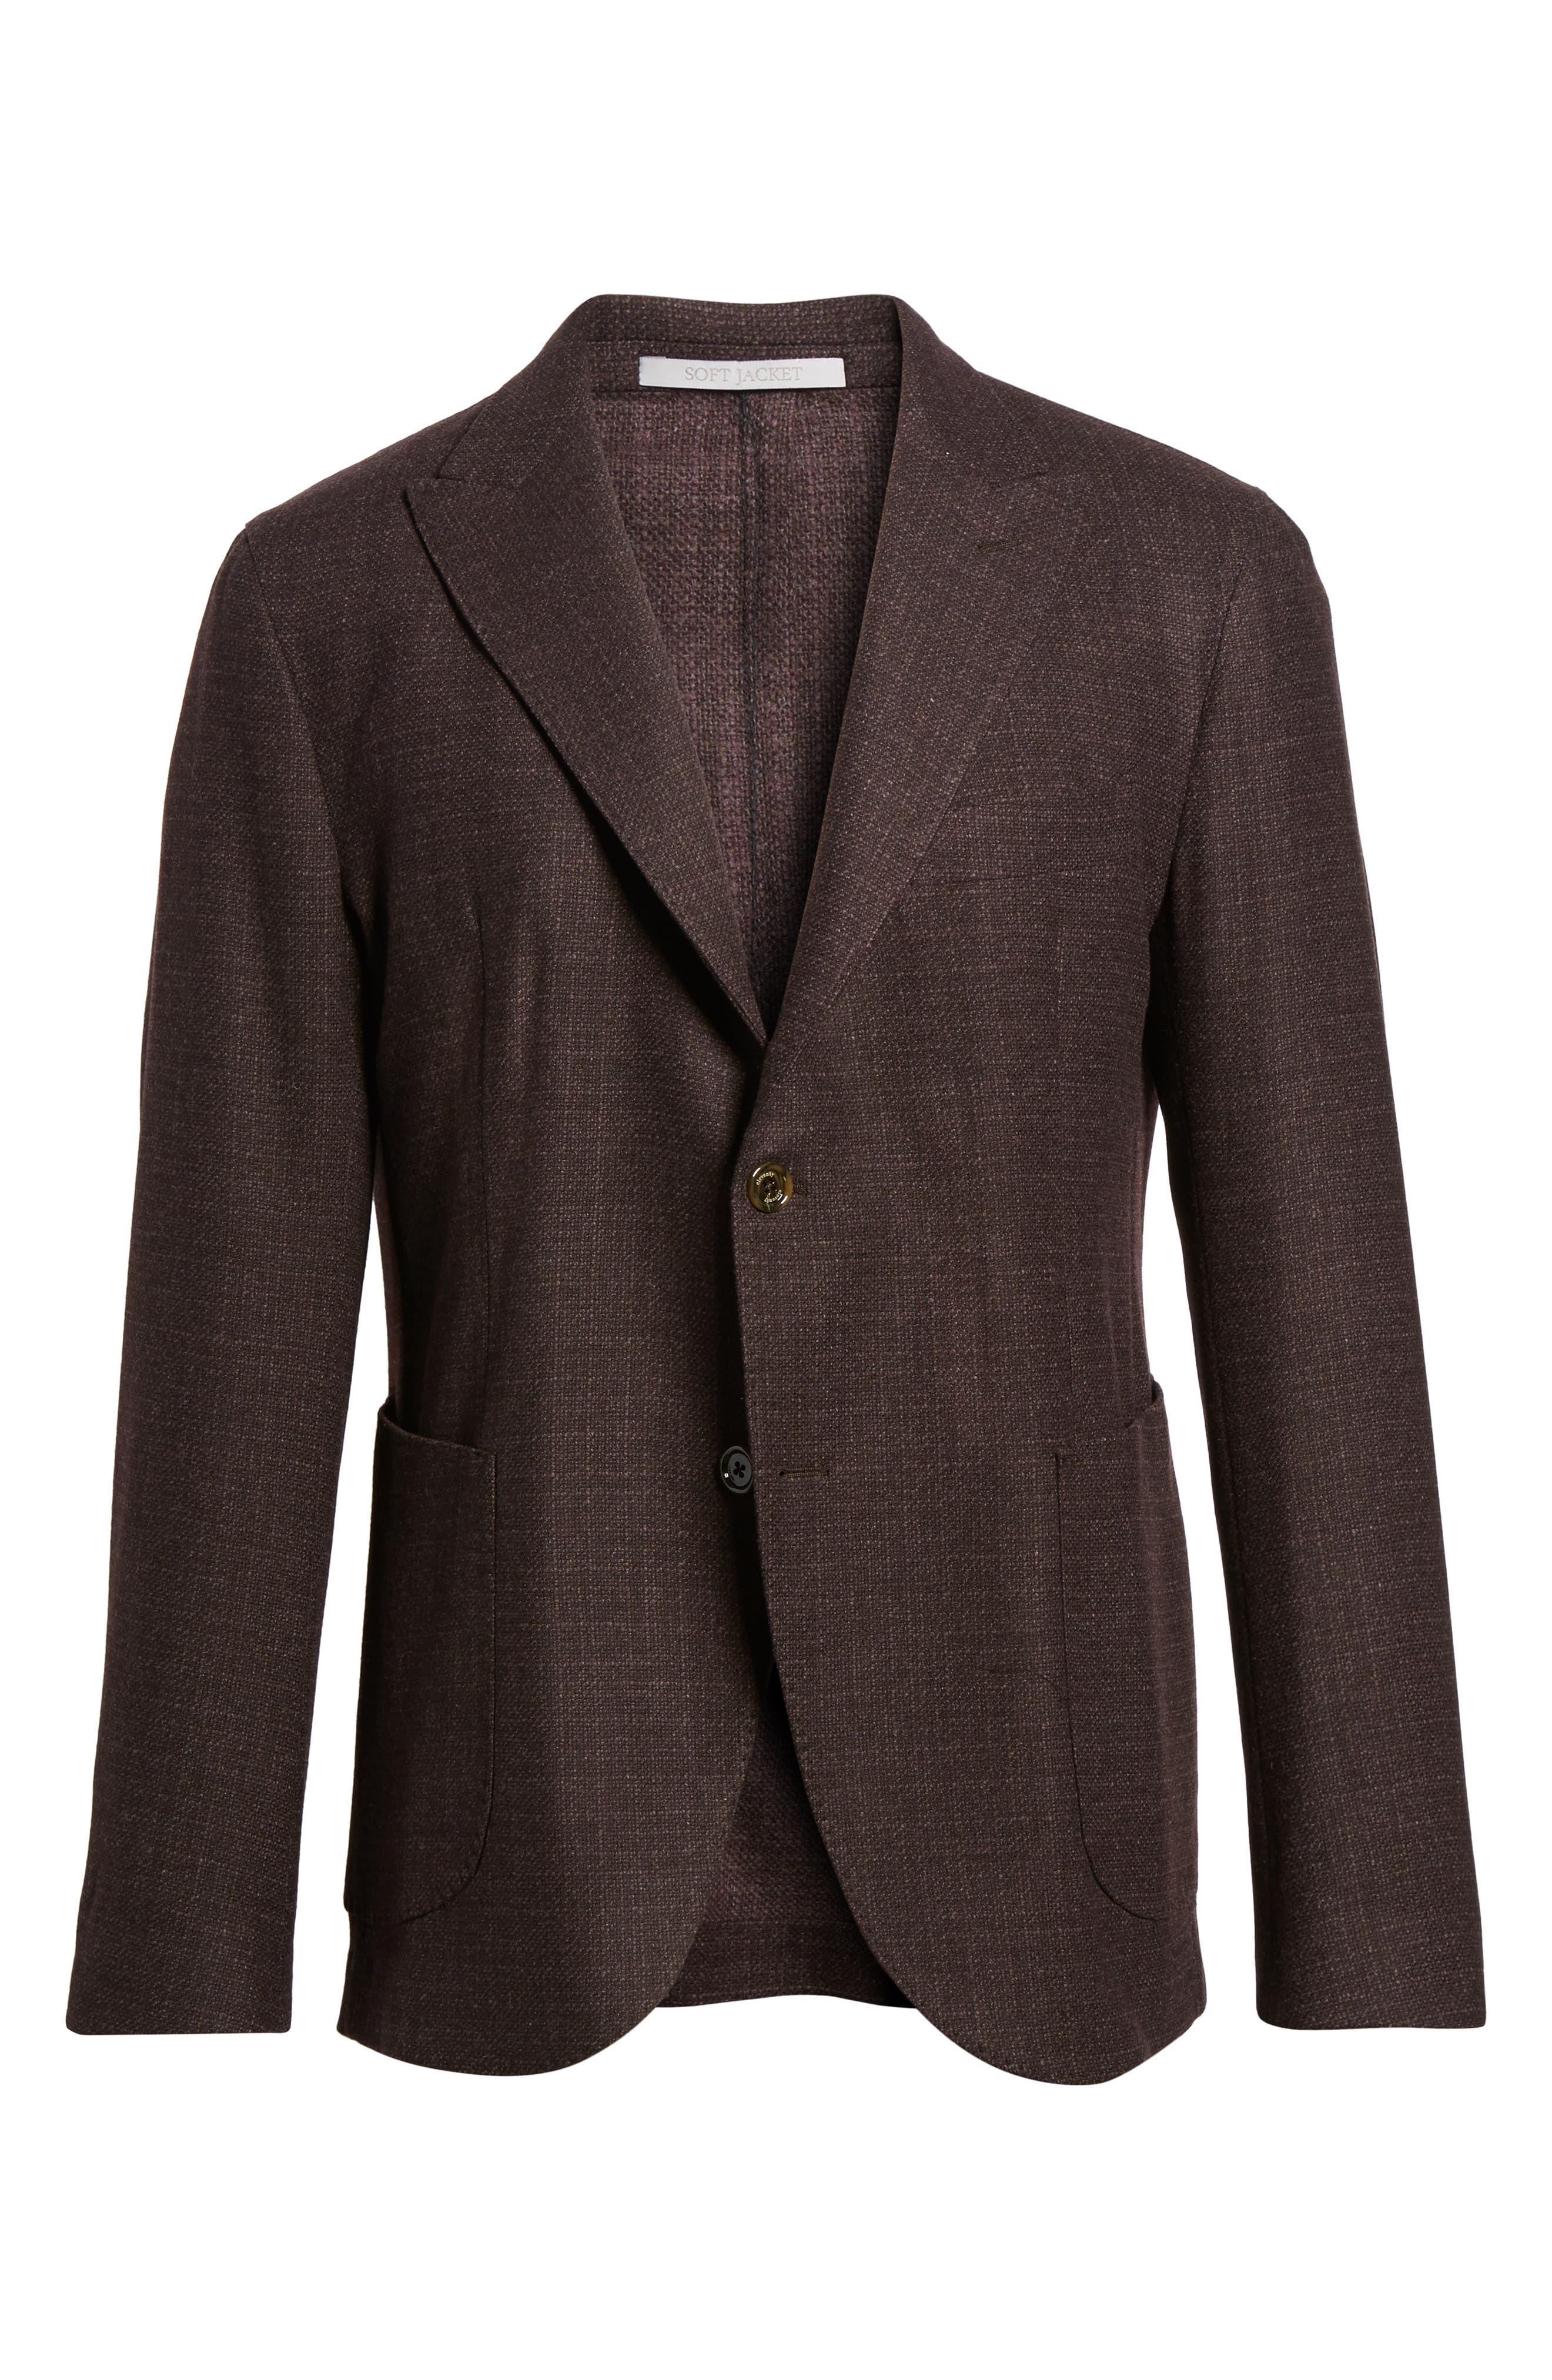 Trim Fit Wool & Cashmere Blazer,                             Alternate thumbnail 5, color,                             932